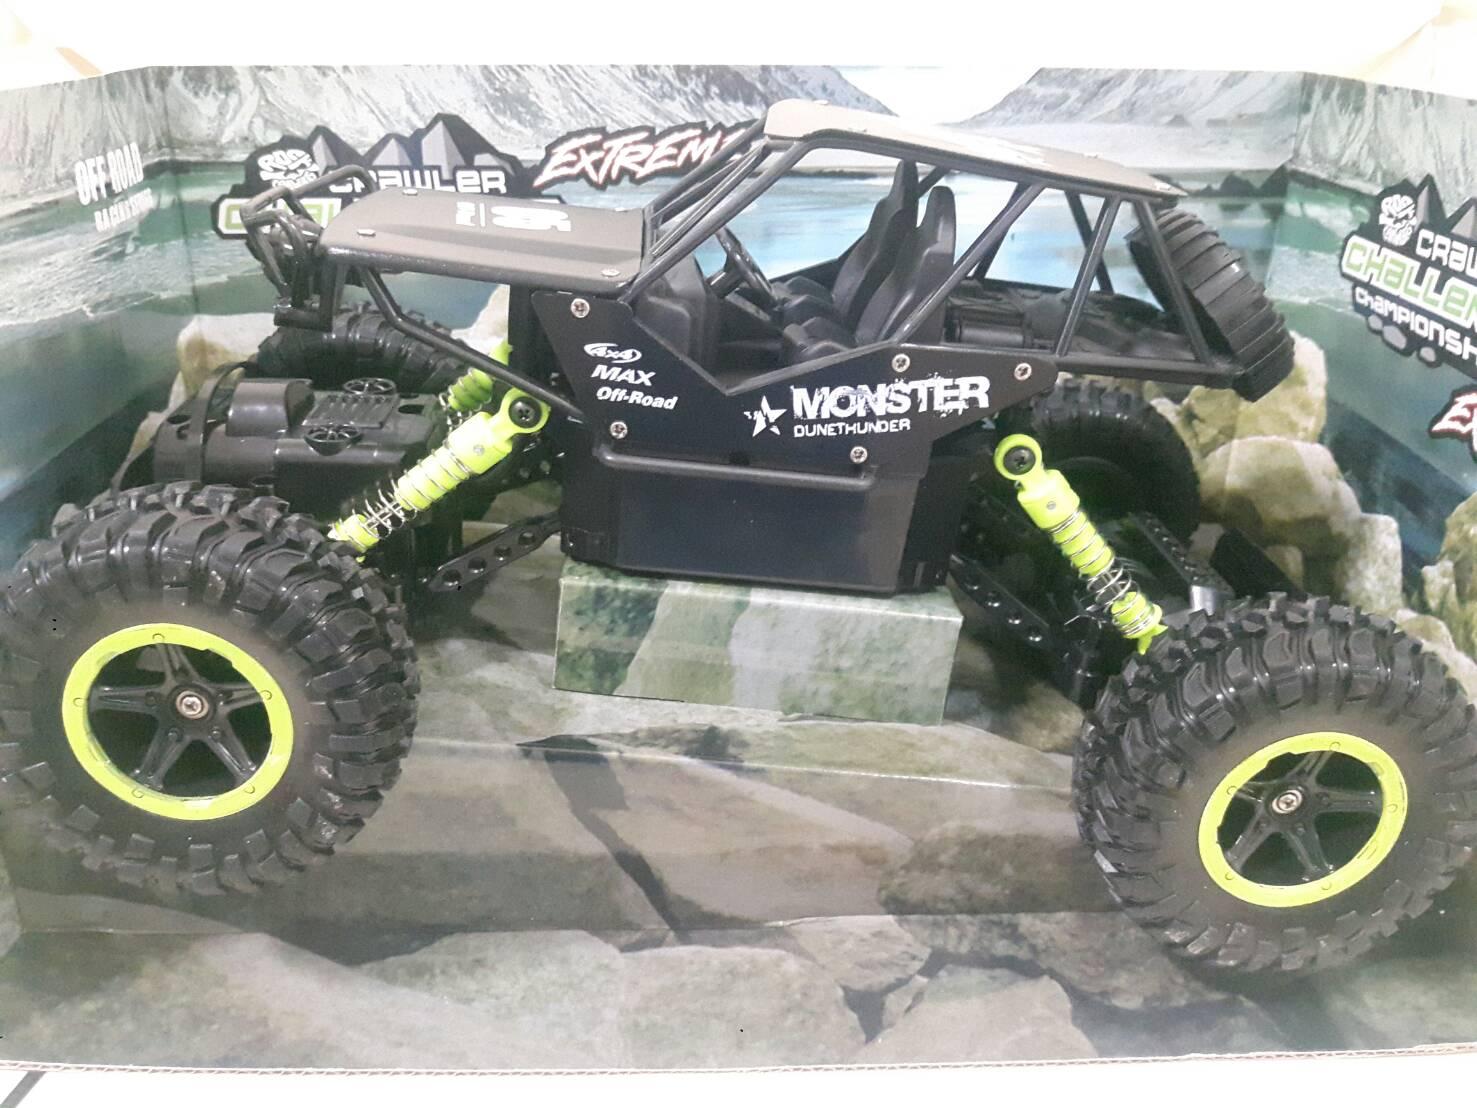 รถบังคับไต่หิน ROCK CRAWLER 4WD #บอดี้เหล็ก สเกล1:16 พร้อมแบตและหม้อแปลงชาร์จไฟบ้าน